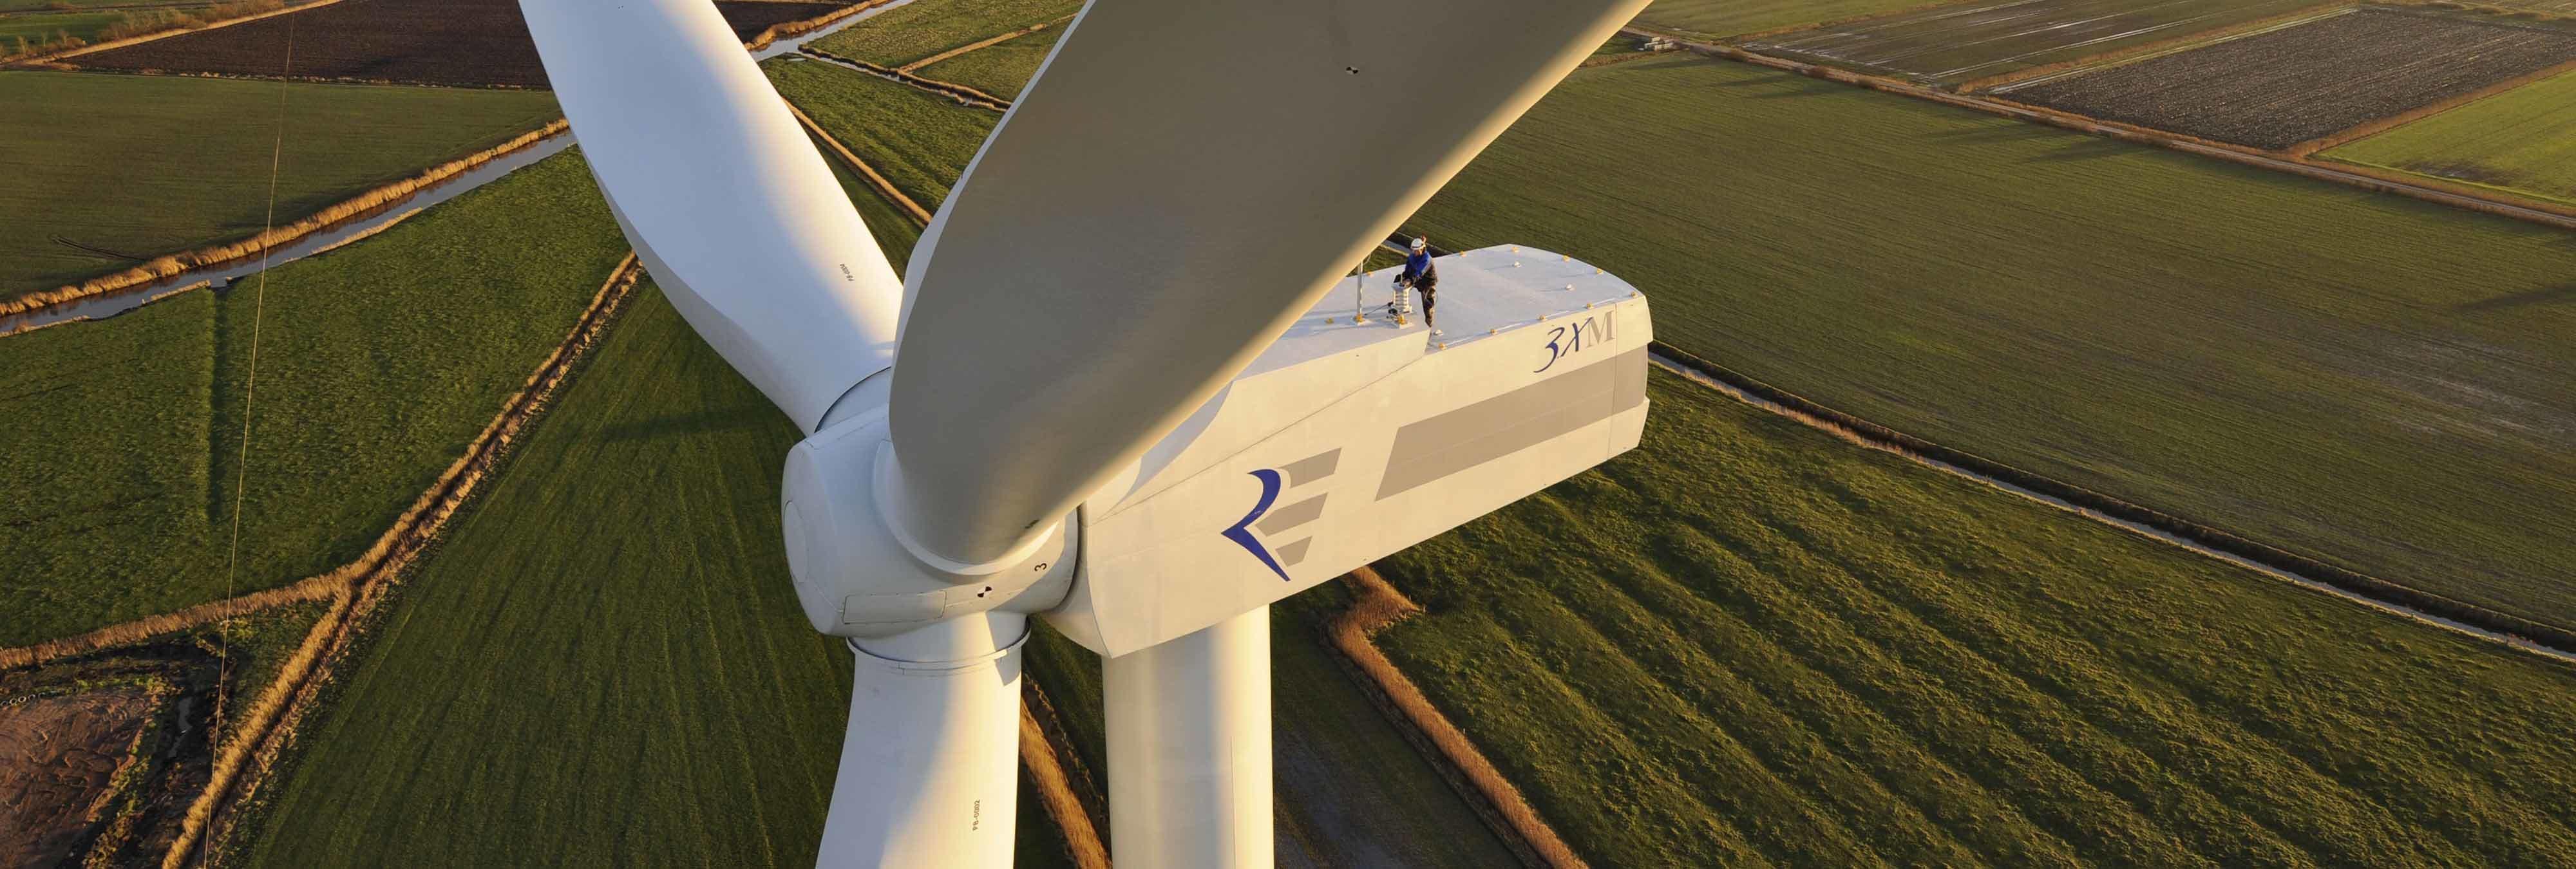 Portugal ya se abastece totalmente con energías renovables